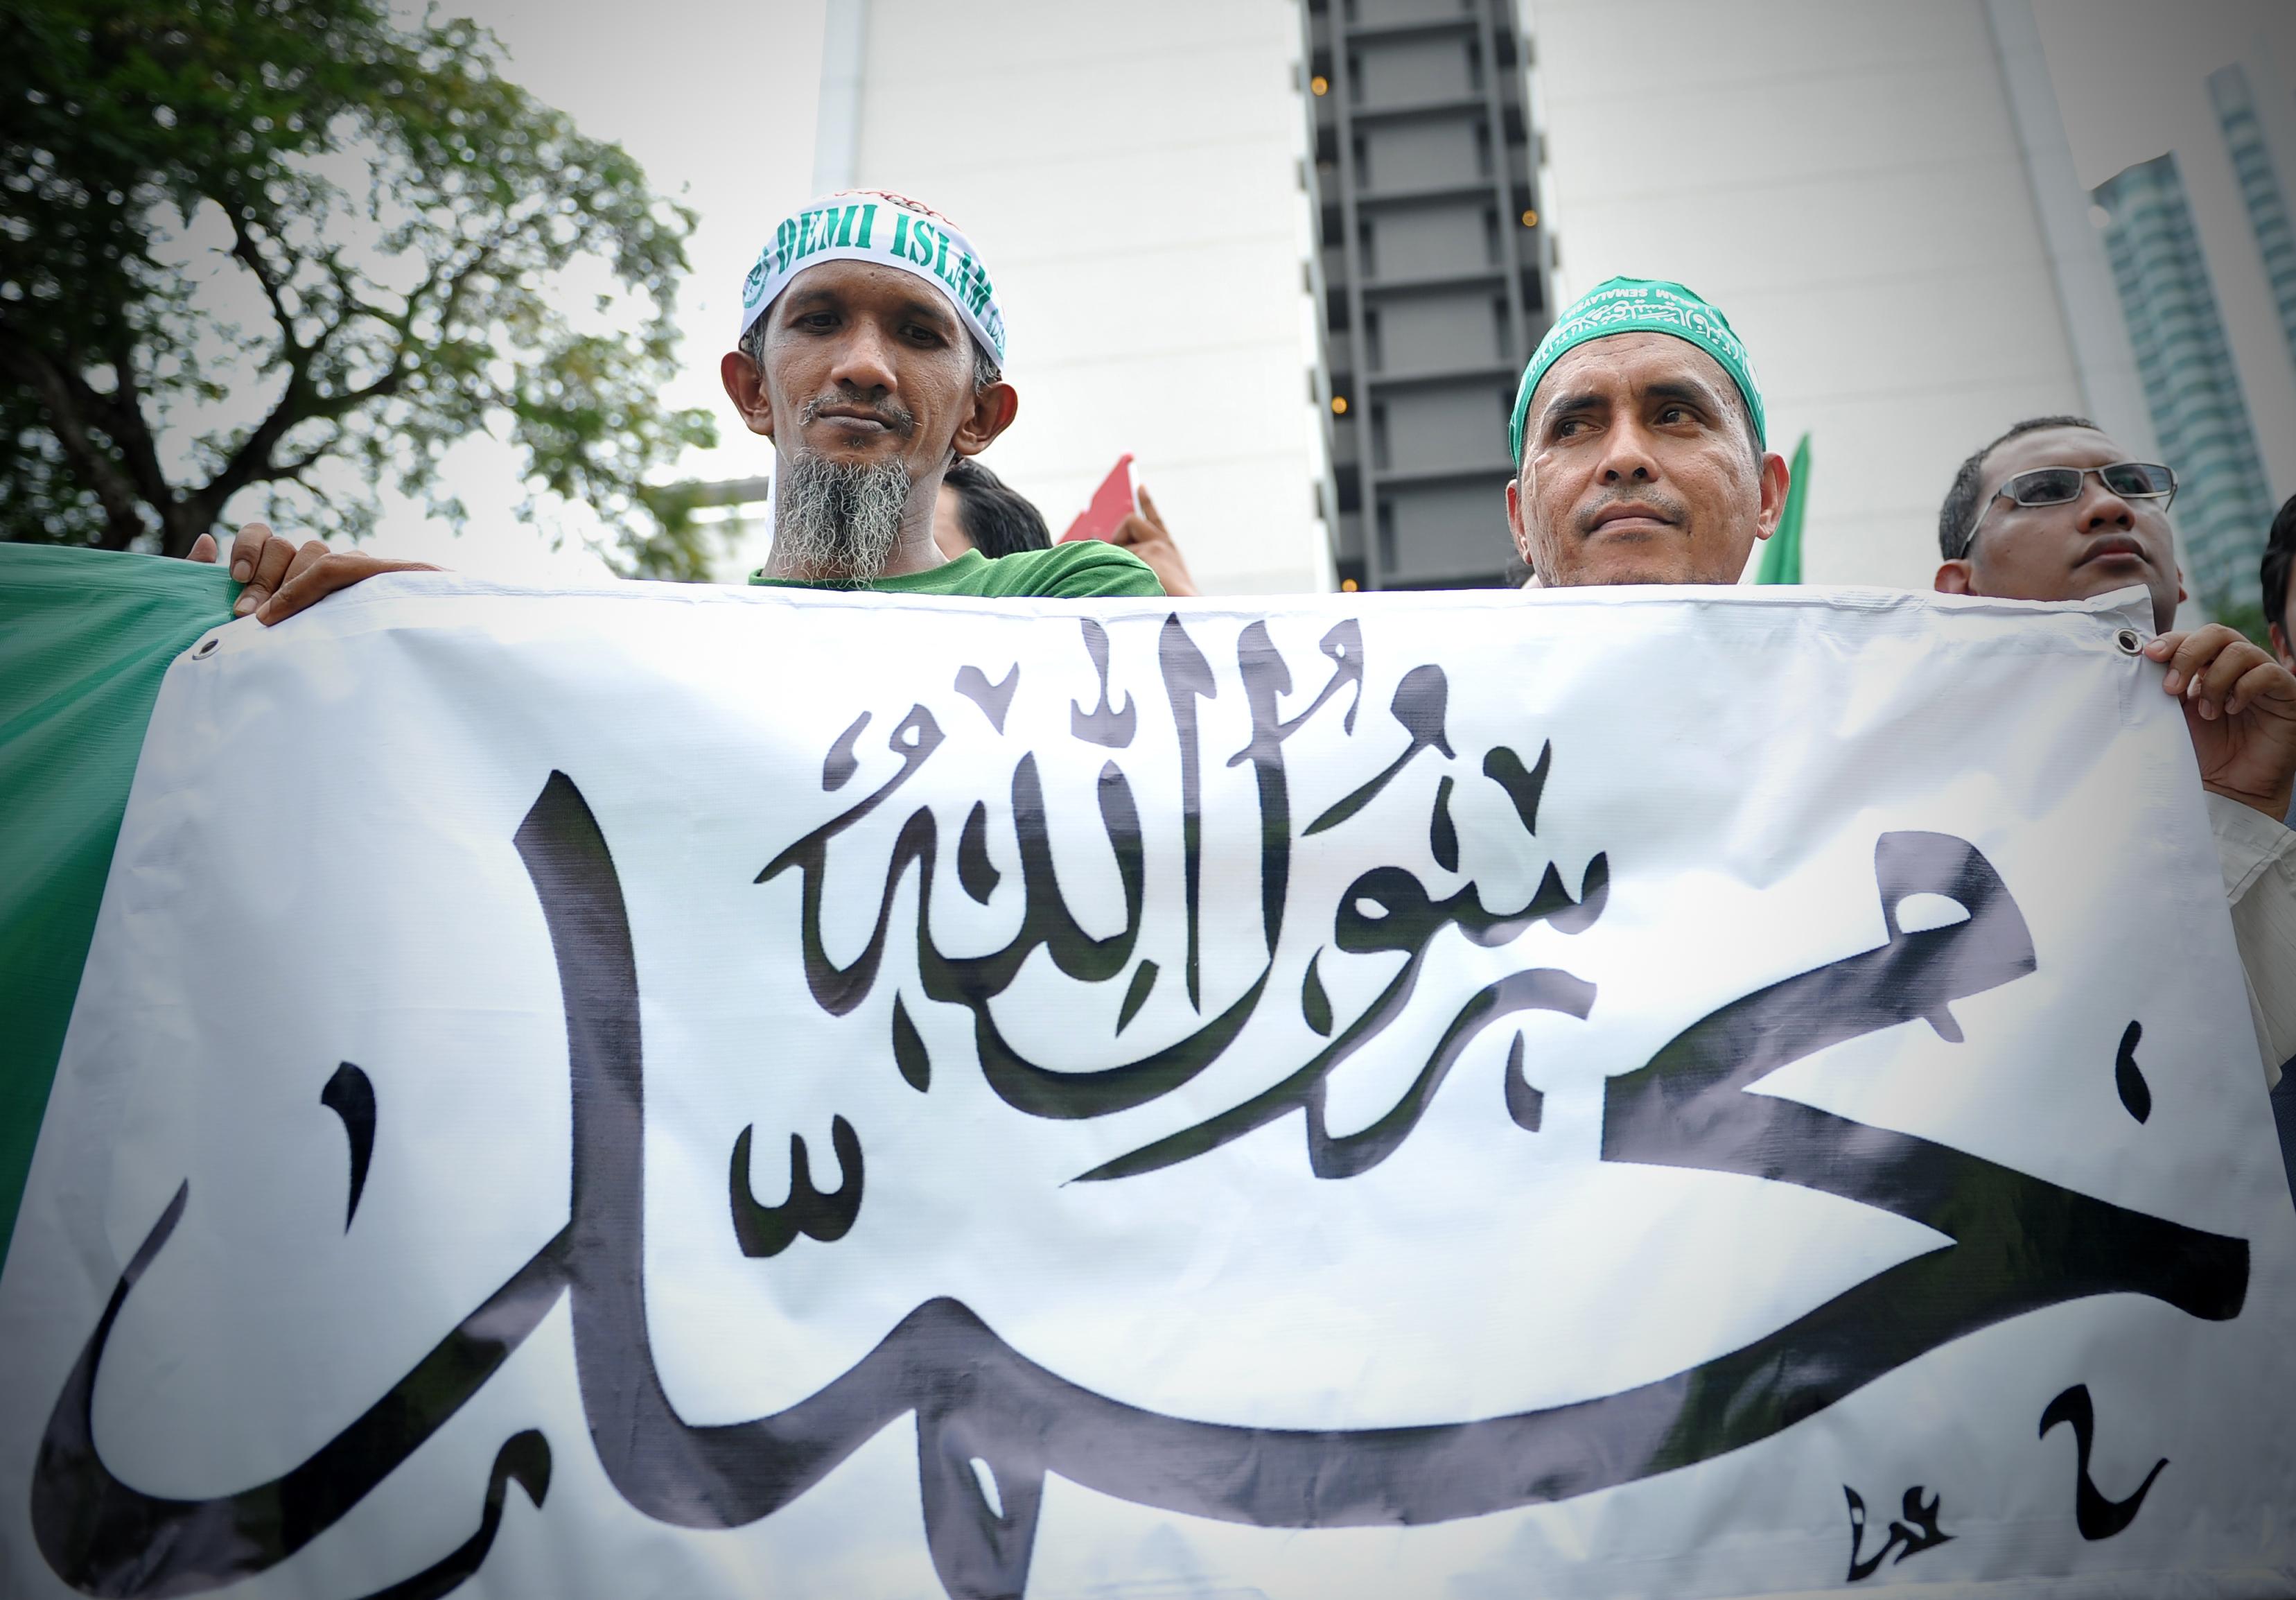 """Kuala Lumpur, 2012: """"Innocence of Muslims"""" vekket sterke reaksjoner, men skapte ikke kaos av samme proposjoner som Rushide-saken og Jyllandspostens karikaturtegninger. Foto: Firdaus Latif / Wikimedia Commons"""